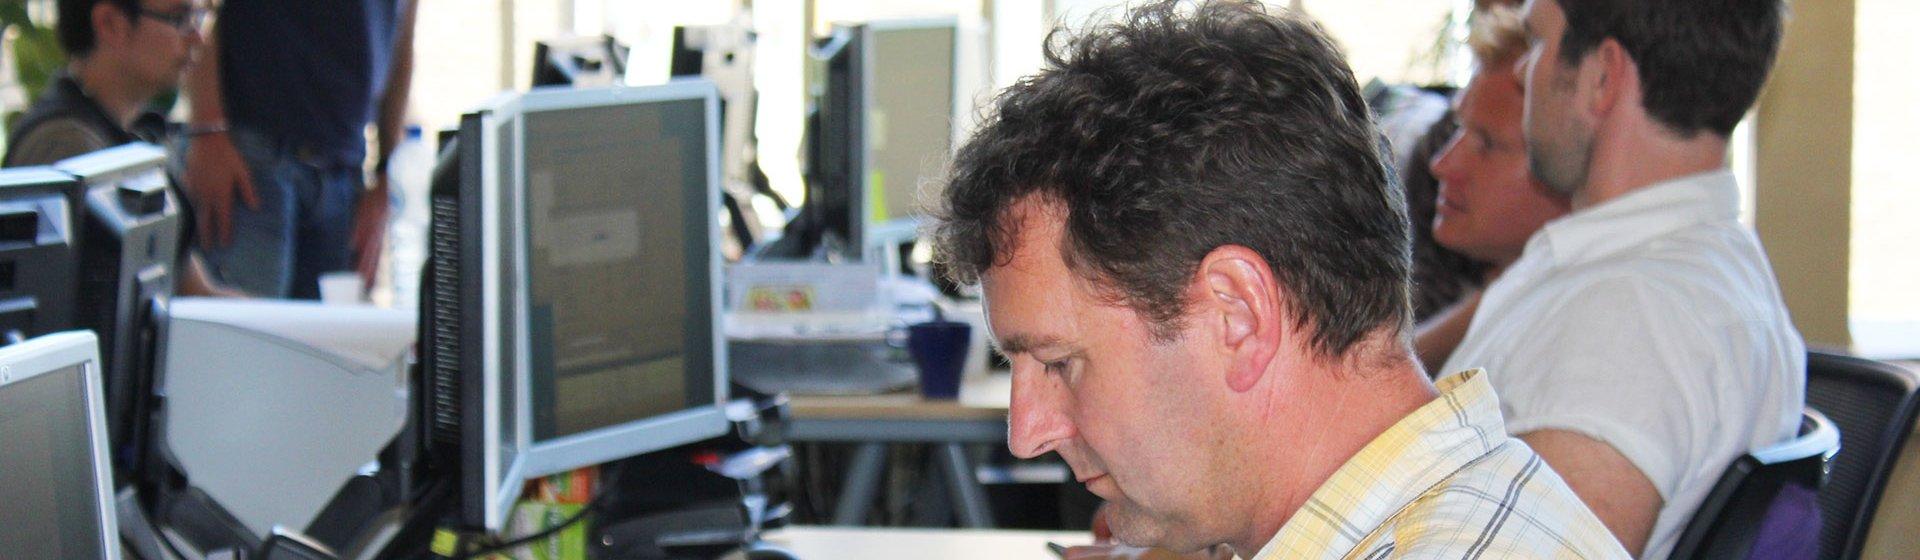 Opinie: Bijna driekwart van Nederlanders wil persoonlijk advies van de zorgverzekeraar